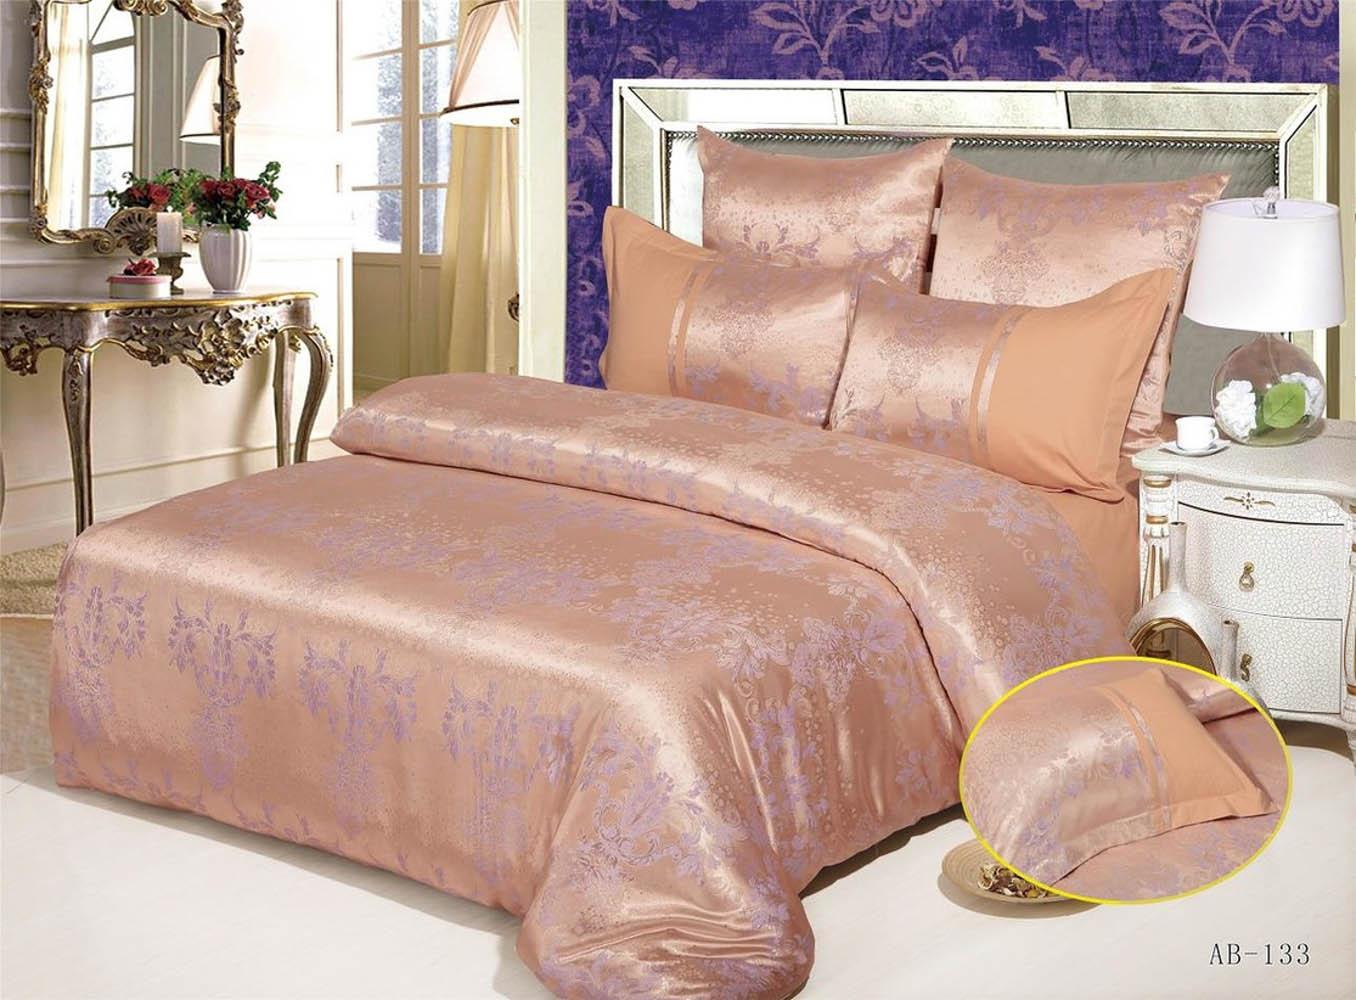 Постельное белье Arlet Постельное белье Morgan  (2 сп. евро) постельное белье arlet постельное белье jacqueline 2 сп евро